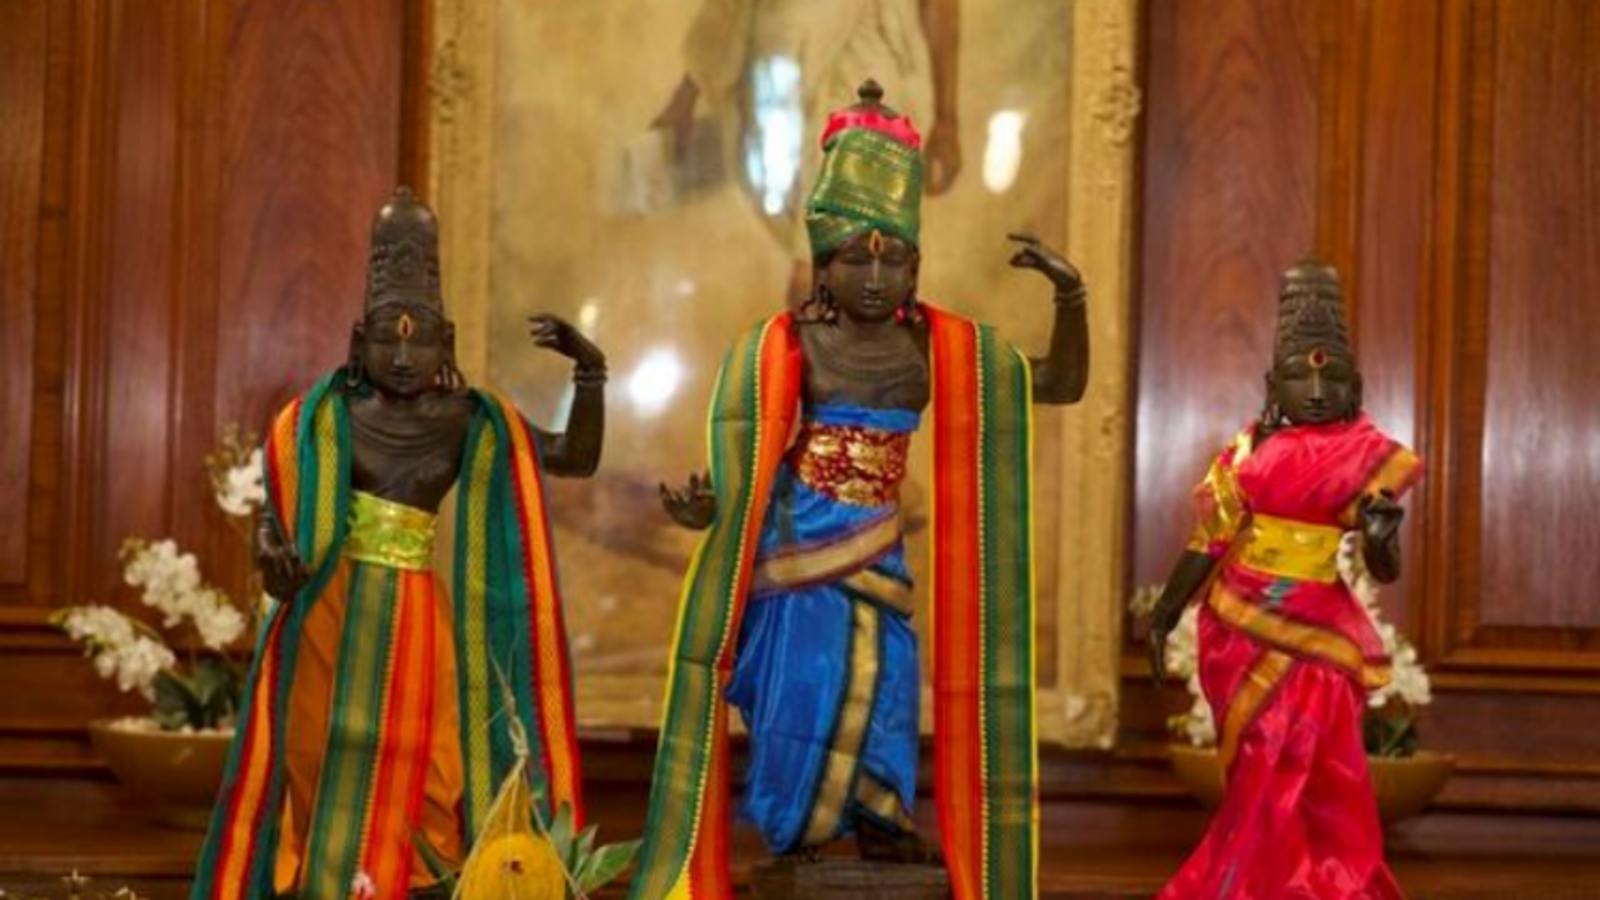 Australia sắp trao trả Ấn Độ các tác phẩm nghệ thuật bị đánh cắp